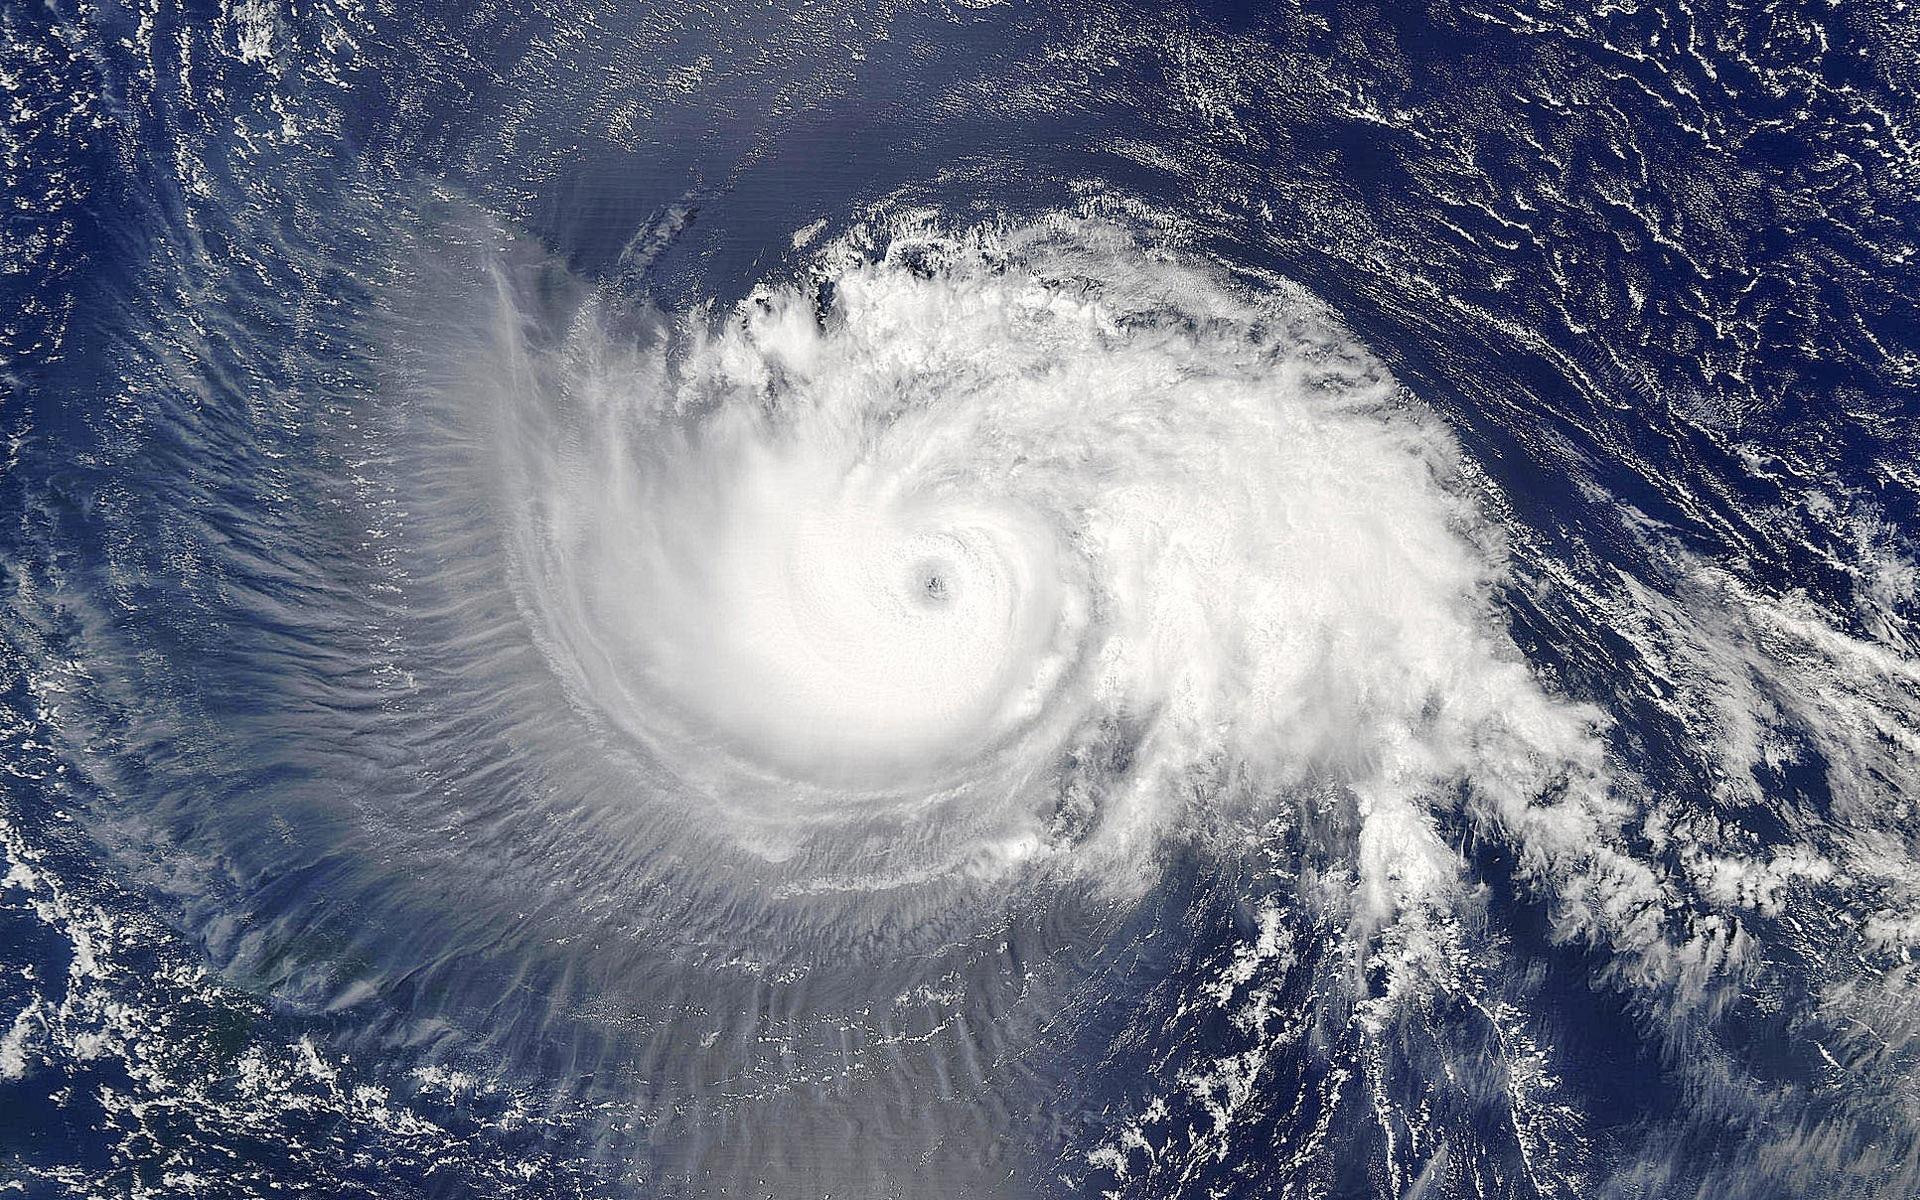 六号台风最新消息图片 1300106 1920x1200